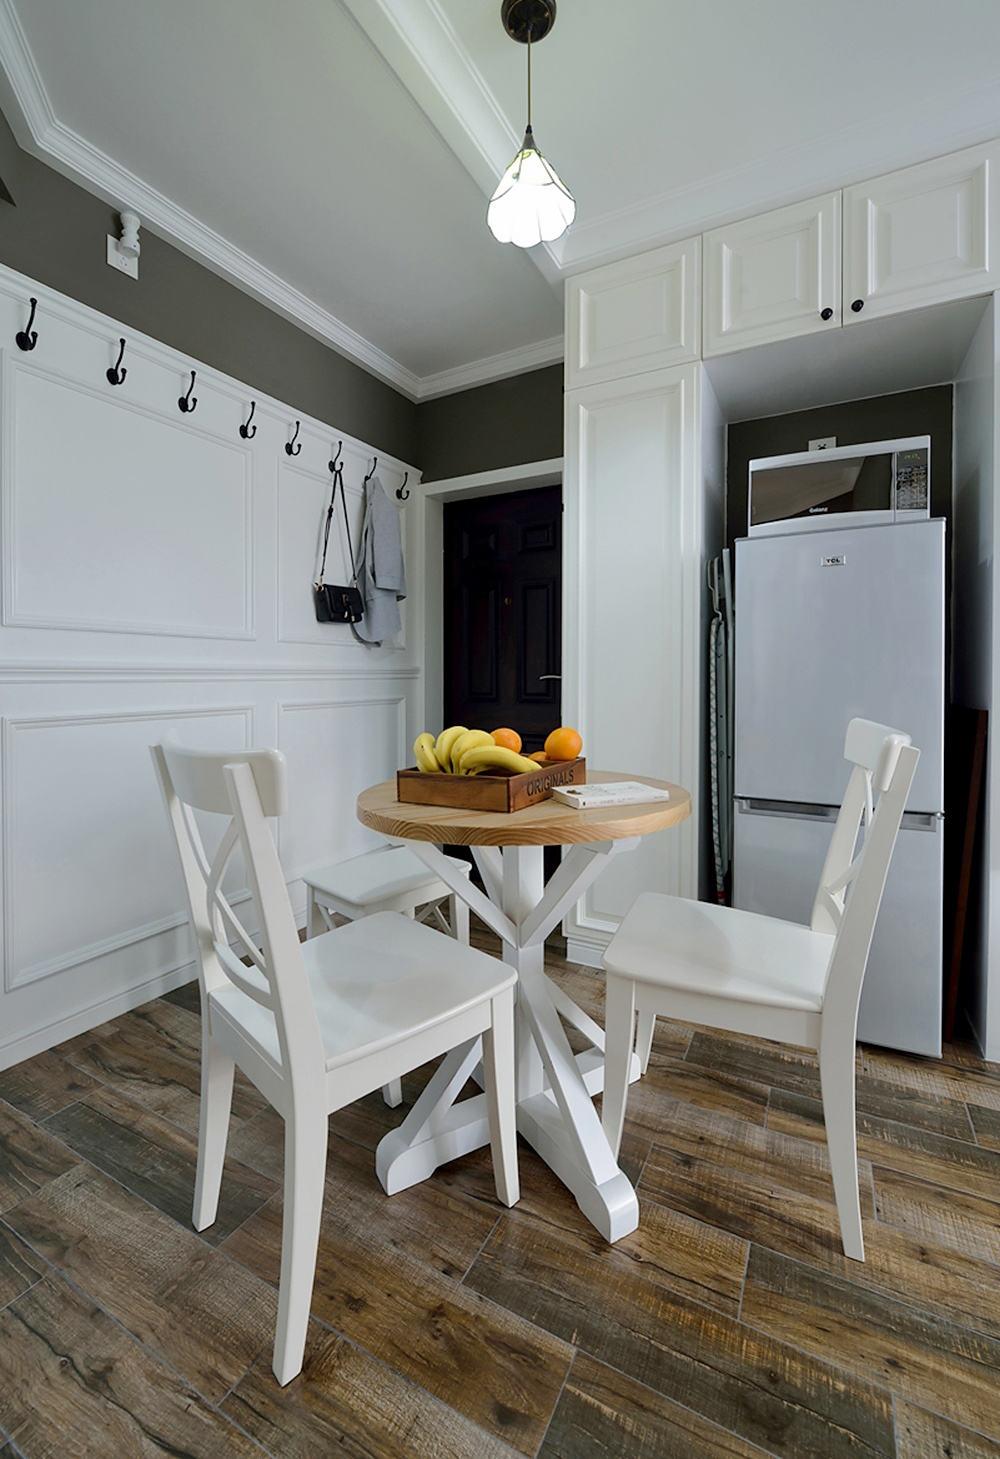 美式设计家居餐厅实木地板装潢效果图